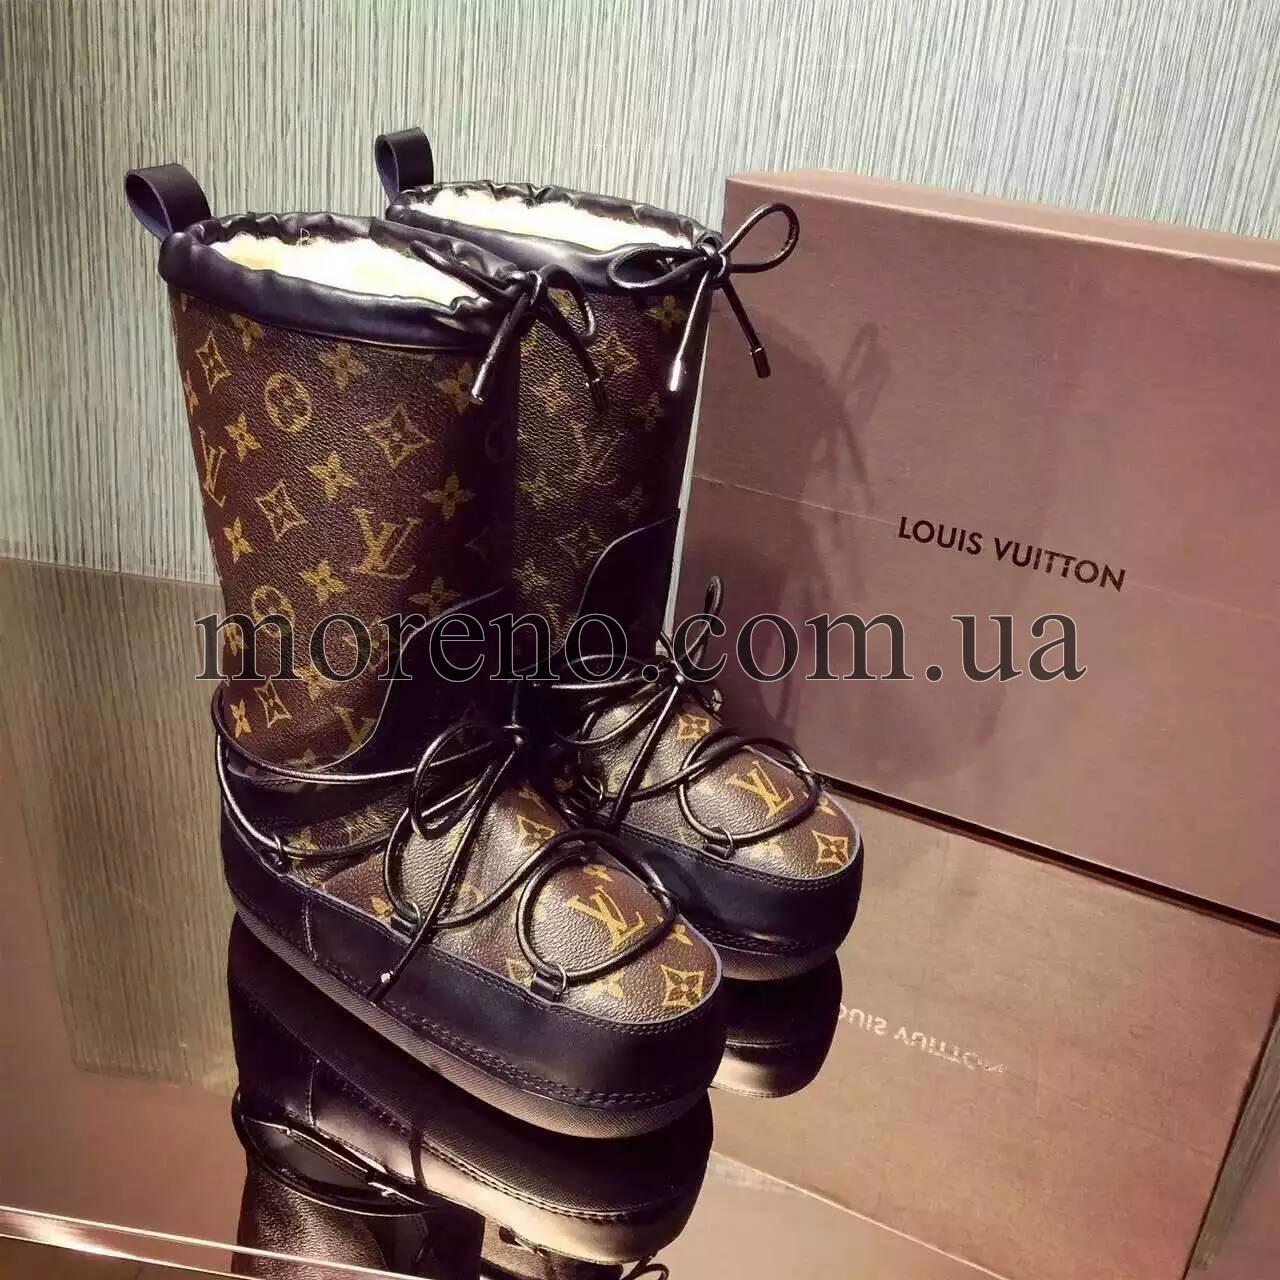 0eb62439d08e Сапоги Louis Vuitton SNOW DAY на меху фото 1 ...